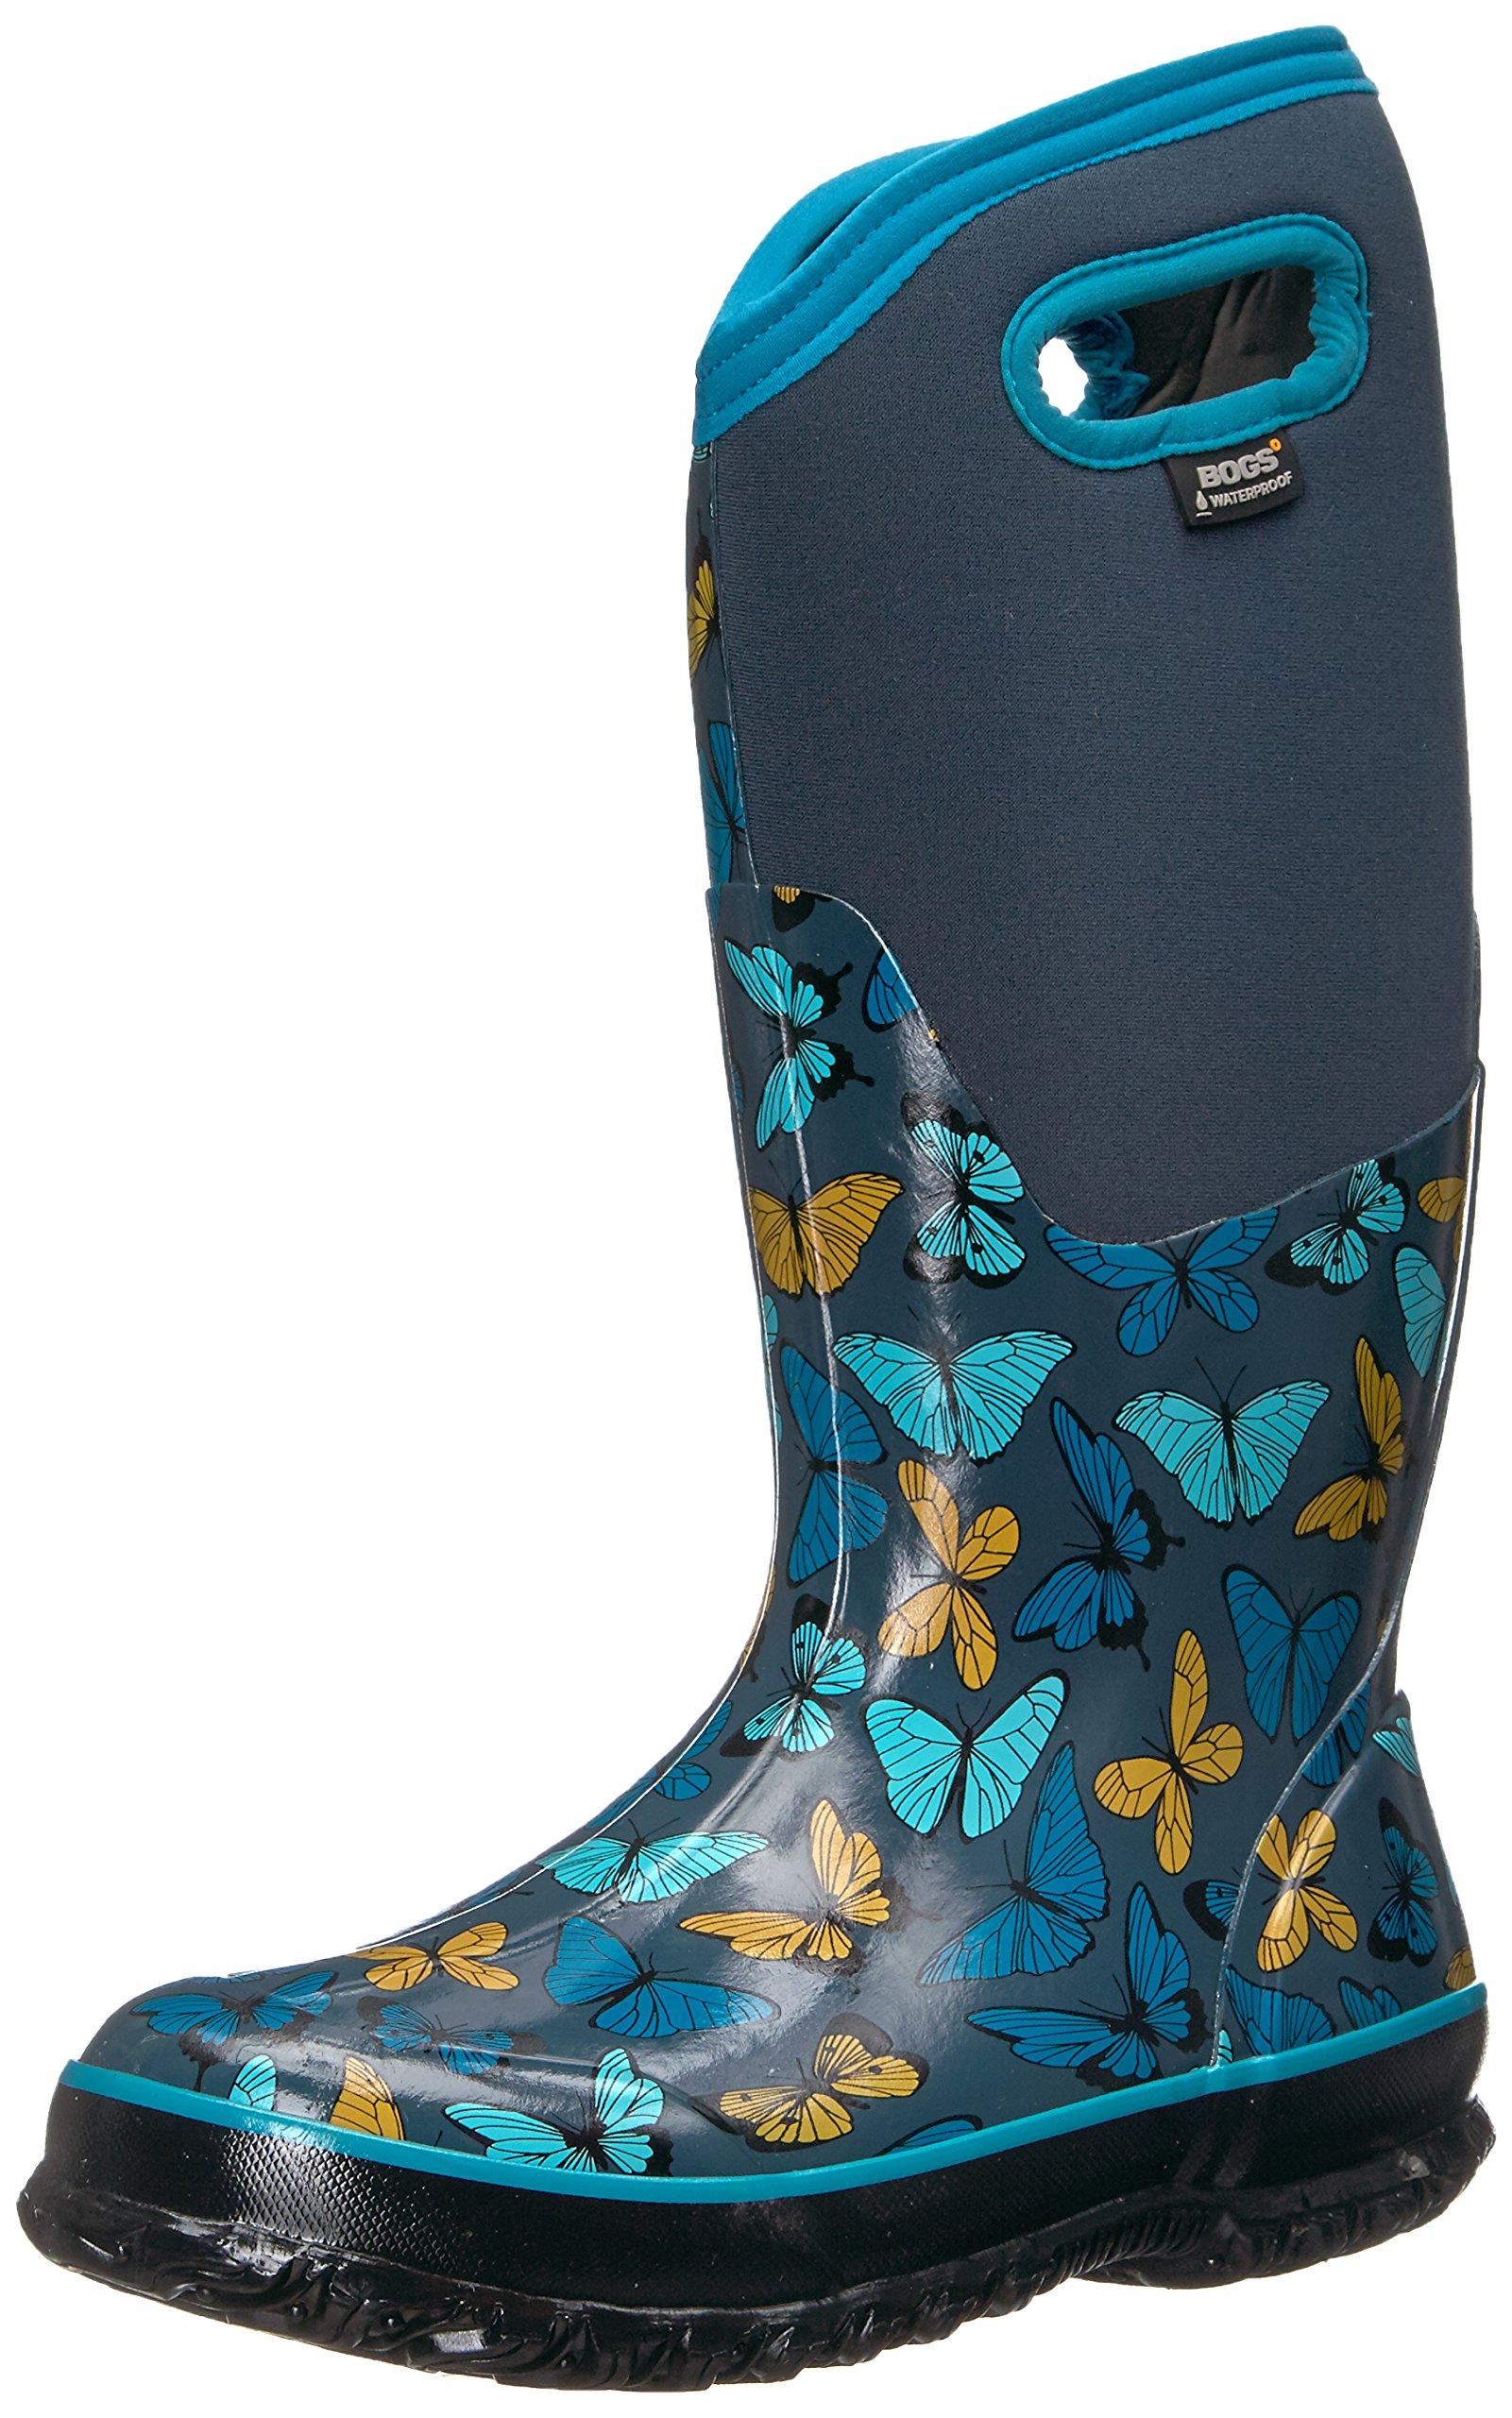 Bogs Women's Classic Butterflies Snow Boot, Navy Multi, 7 M US by Bogs